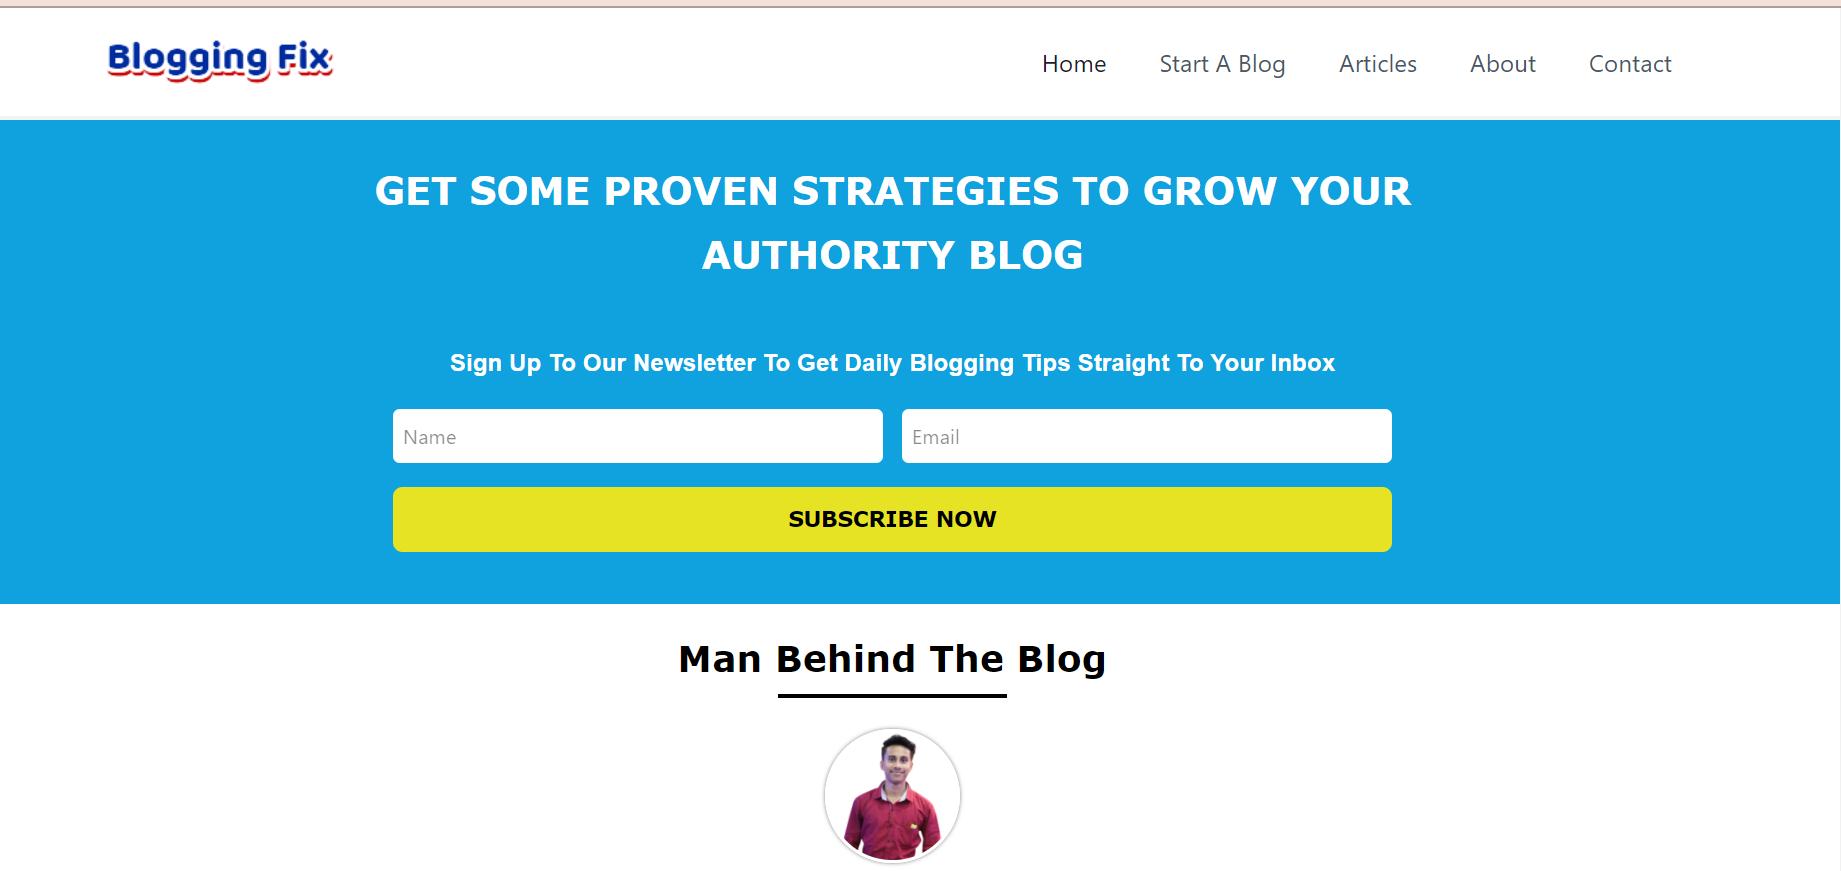 BloggingFix